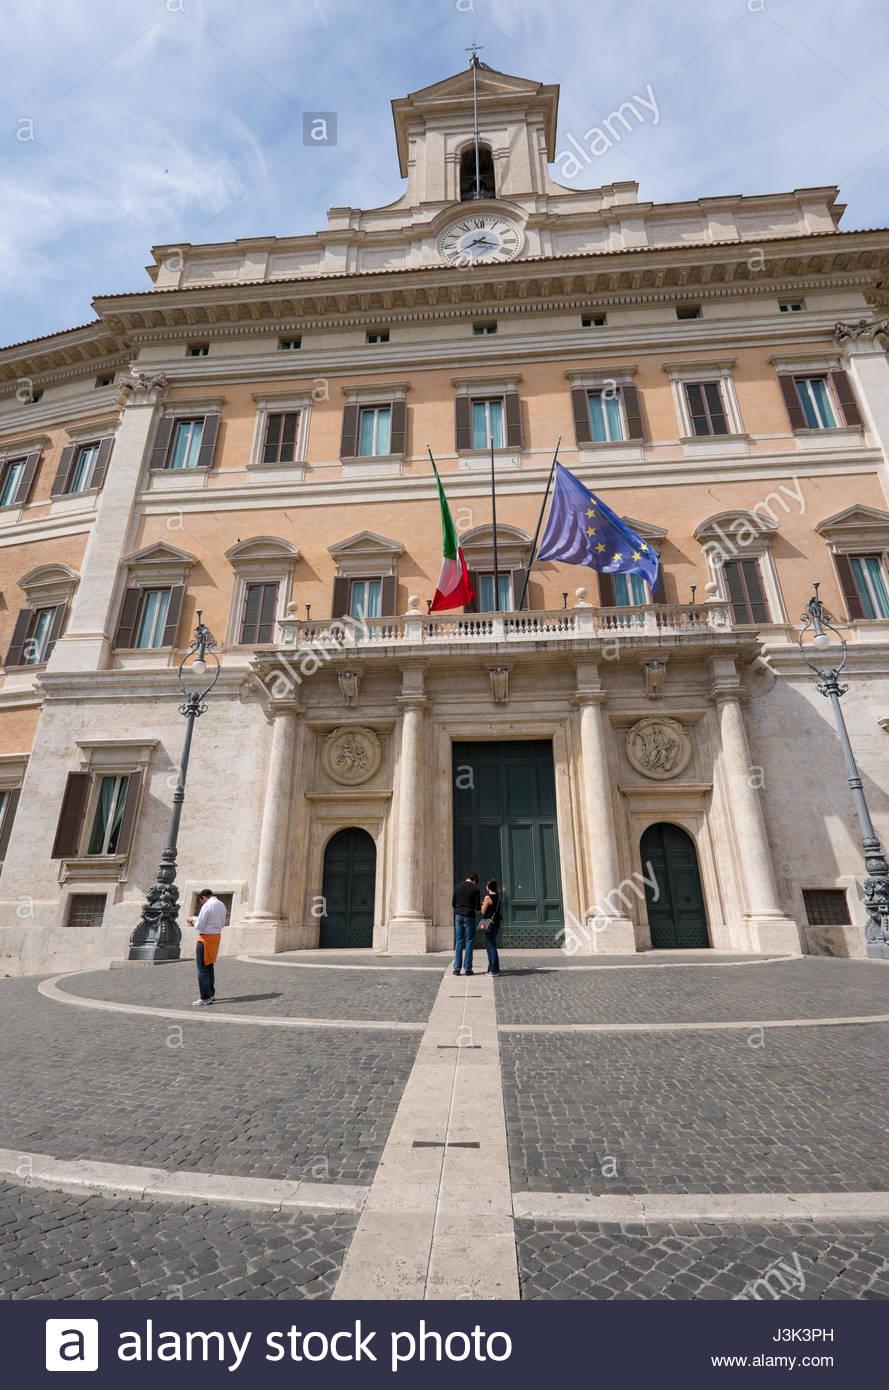 Palazzo Montecitorio Camera dei Deputati di Italia, Piazza di Montecitorio,  I Municipio, Roma, lazio, Italy Foto stock - Alamy